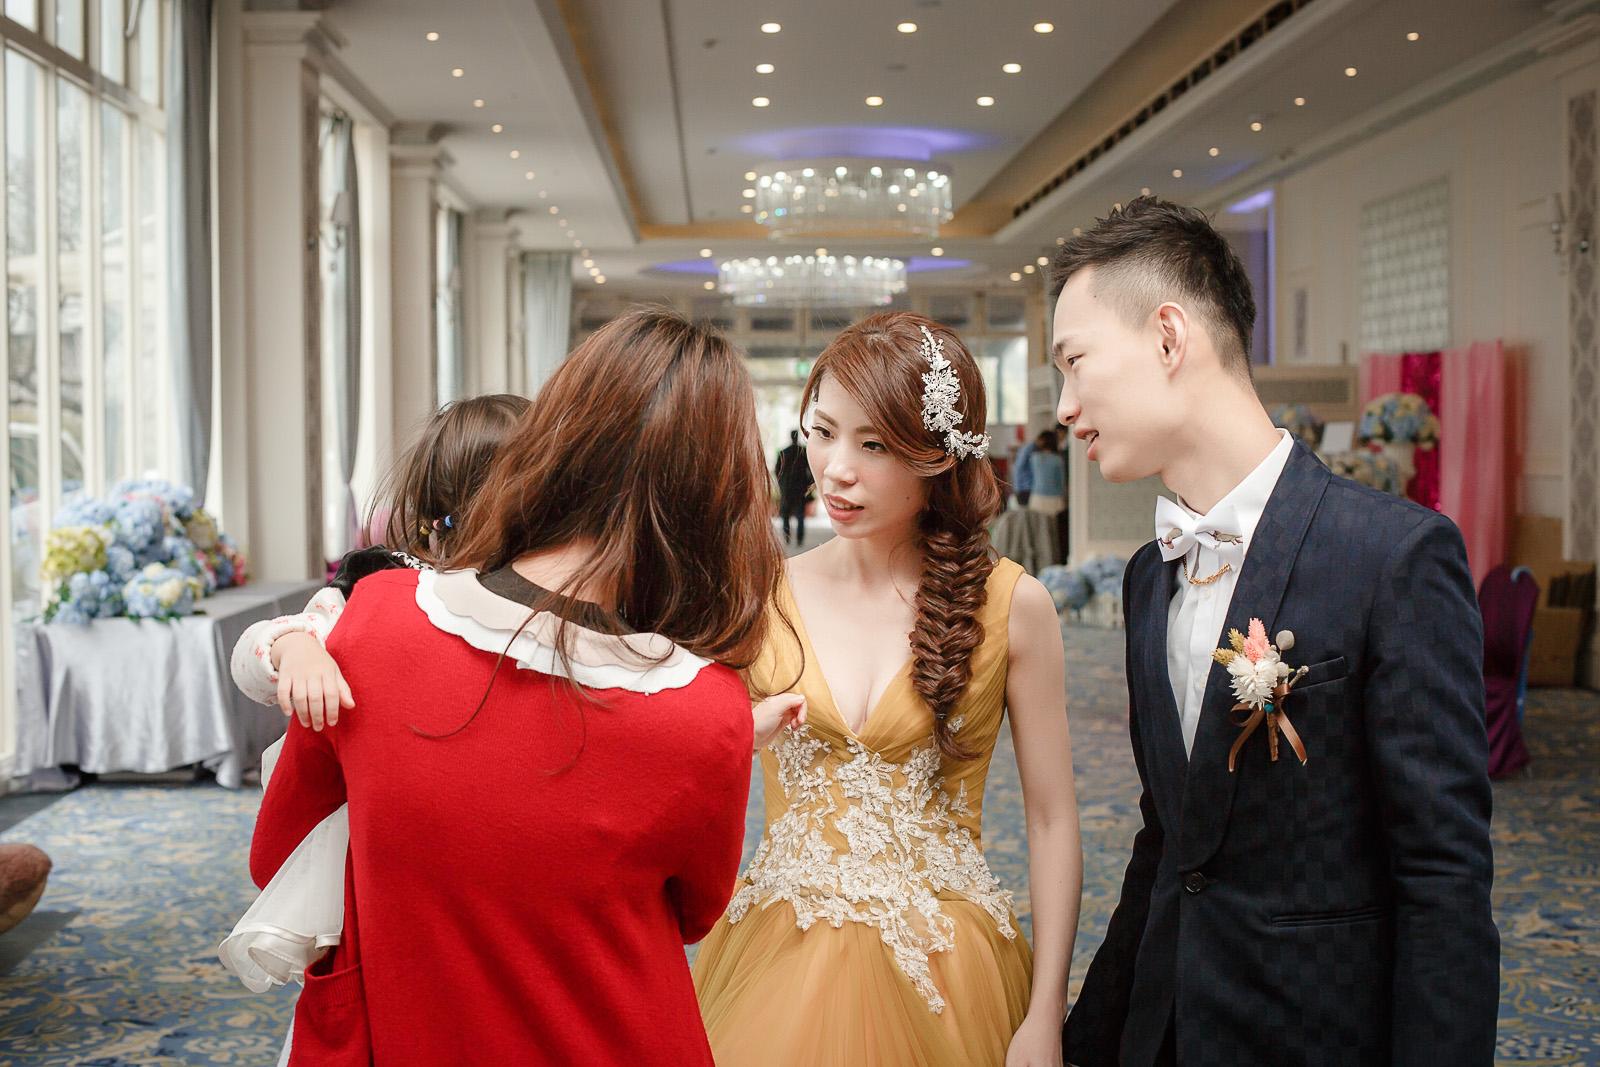 高雄圓山飯店,婚禮攝影,婚攝,高雄婚攝,優質婚攝推薦,Jen&Ethan-271